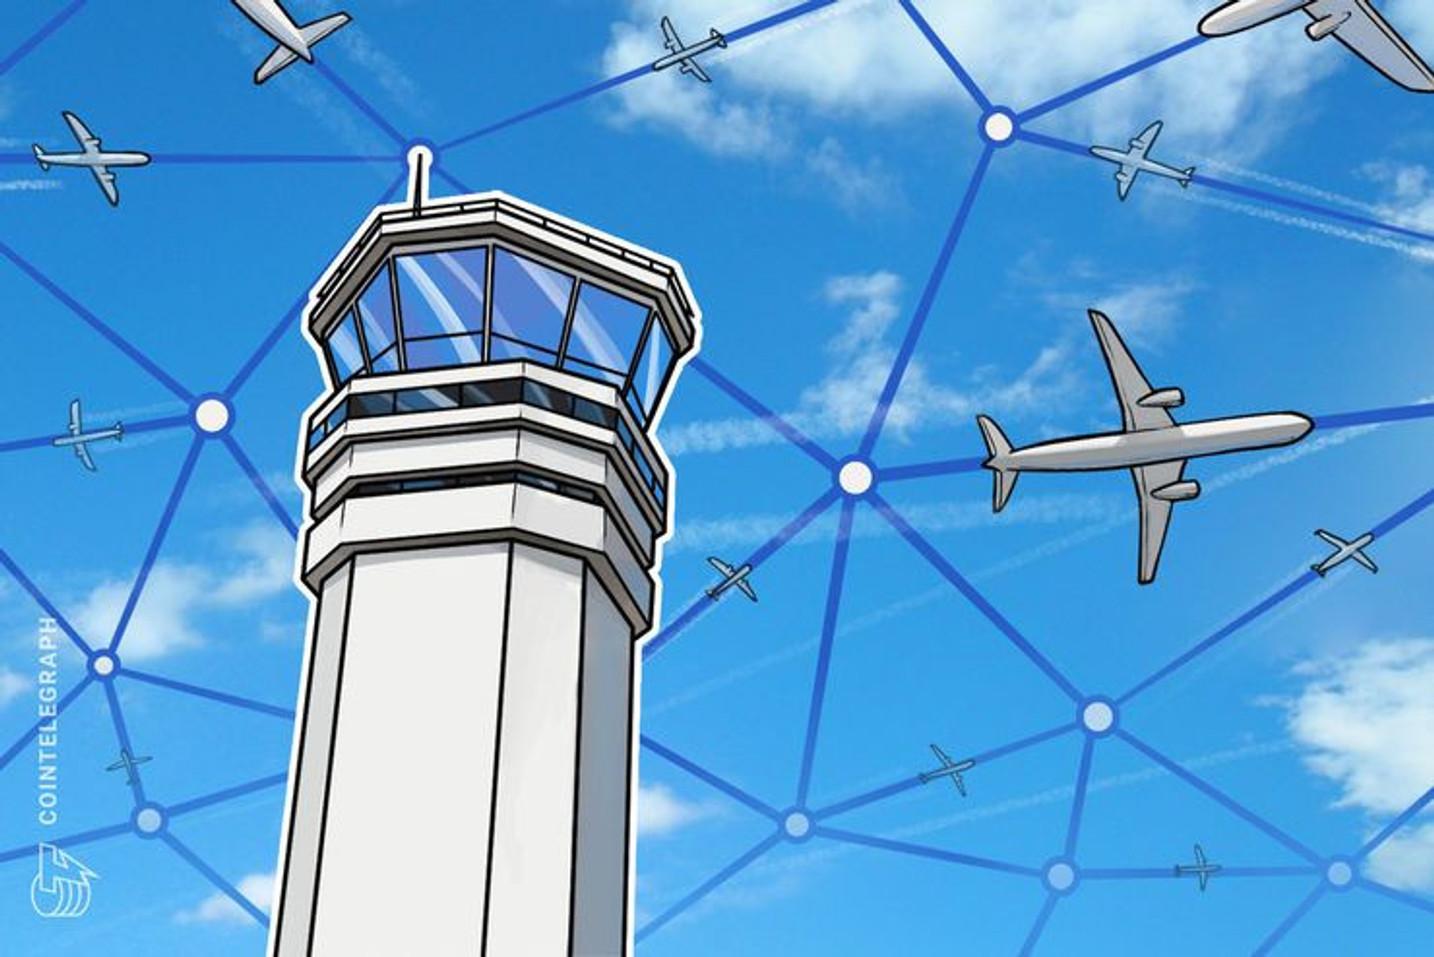 Avião da Boeing criado para guerra nuclear é derrubado por um pássaro; empresa começa estudar blockchain